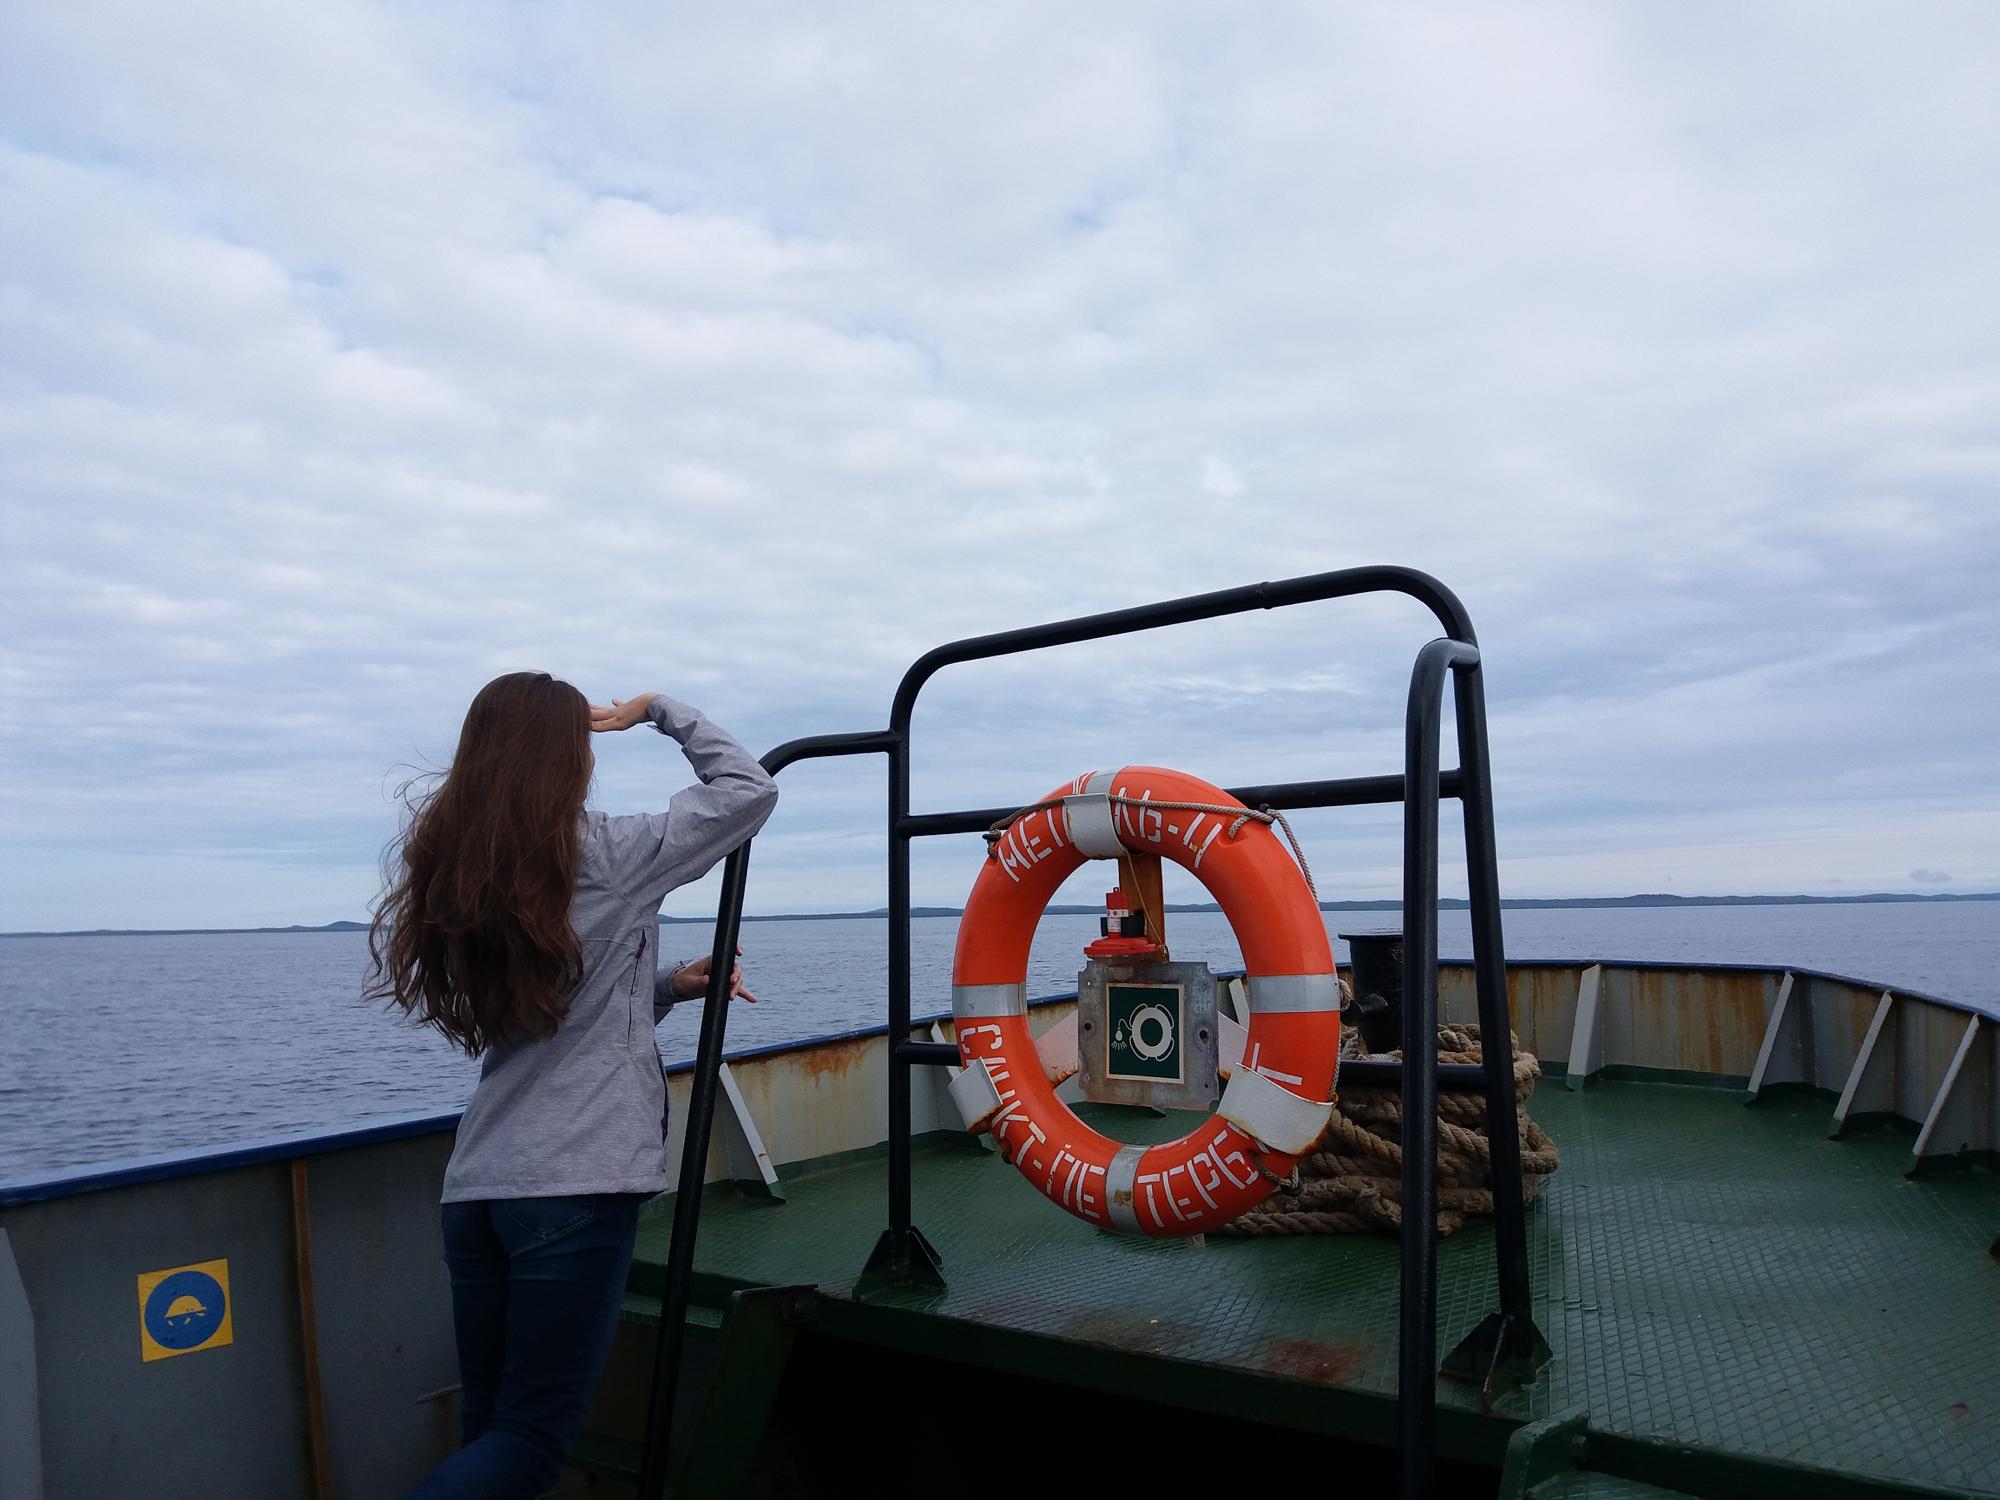 У теплохода «Метель» есть кормовая палуба. Капитан разрешает на нее выходить, но из-за сильного ветра долго там стоять невозможно